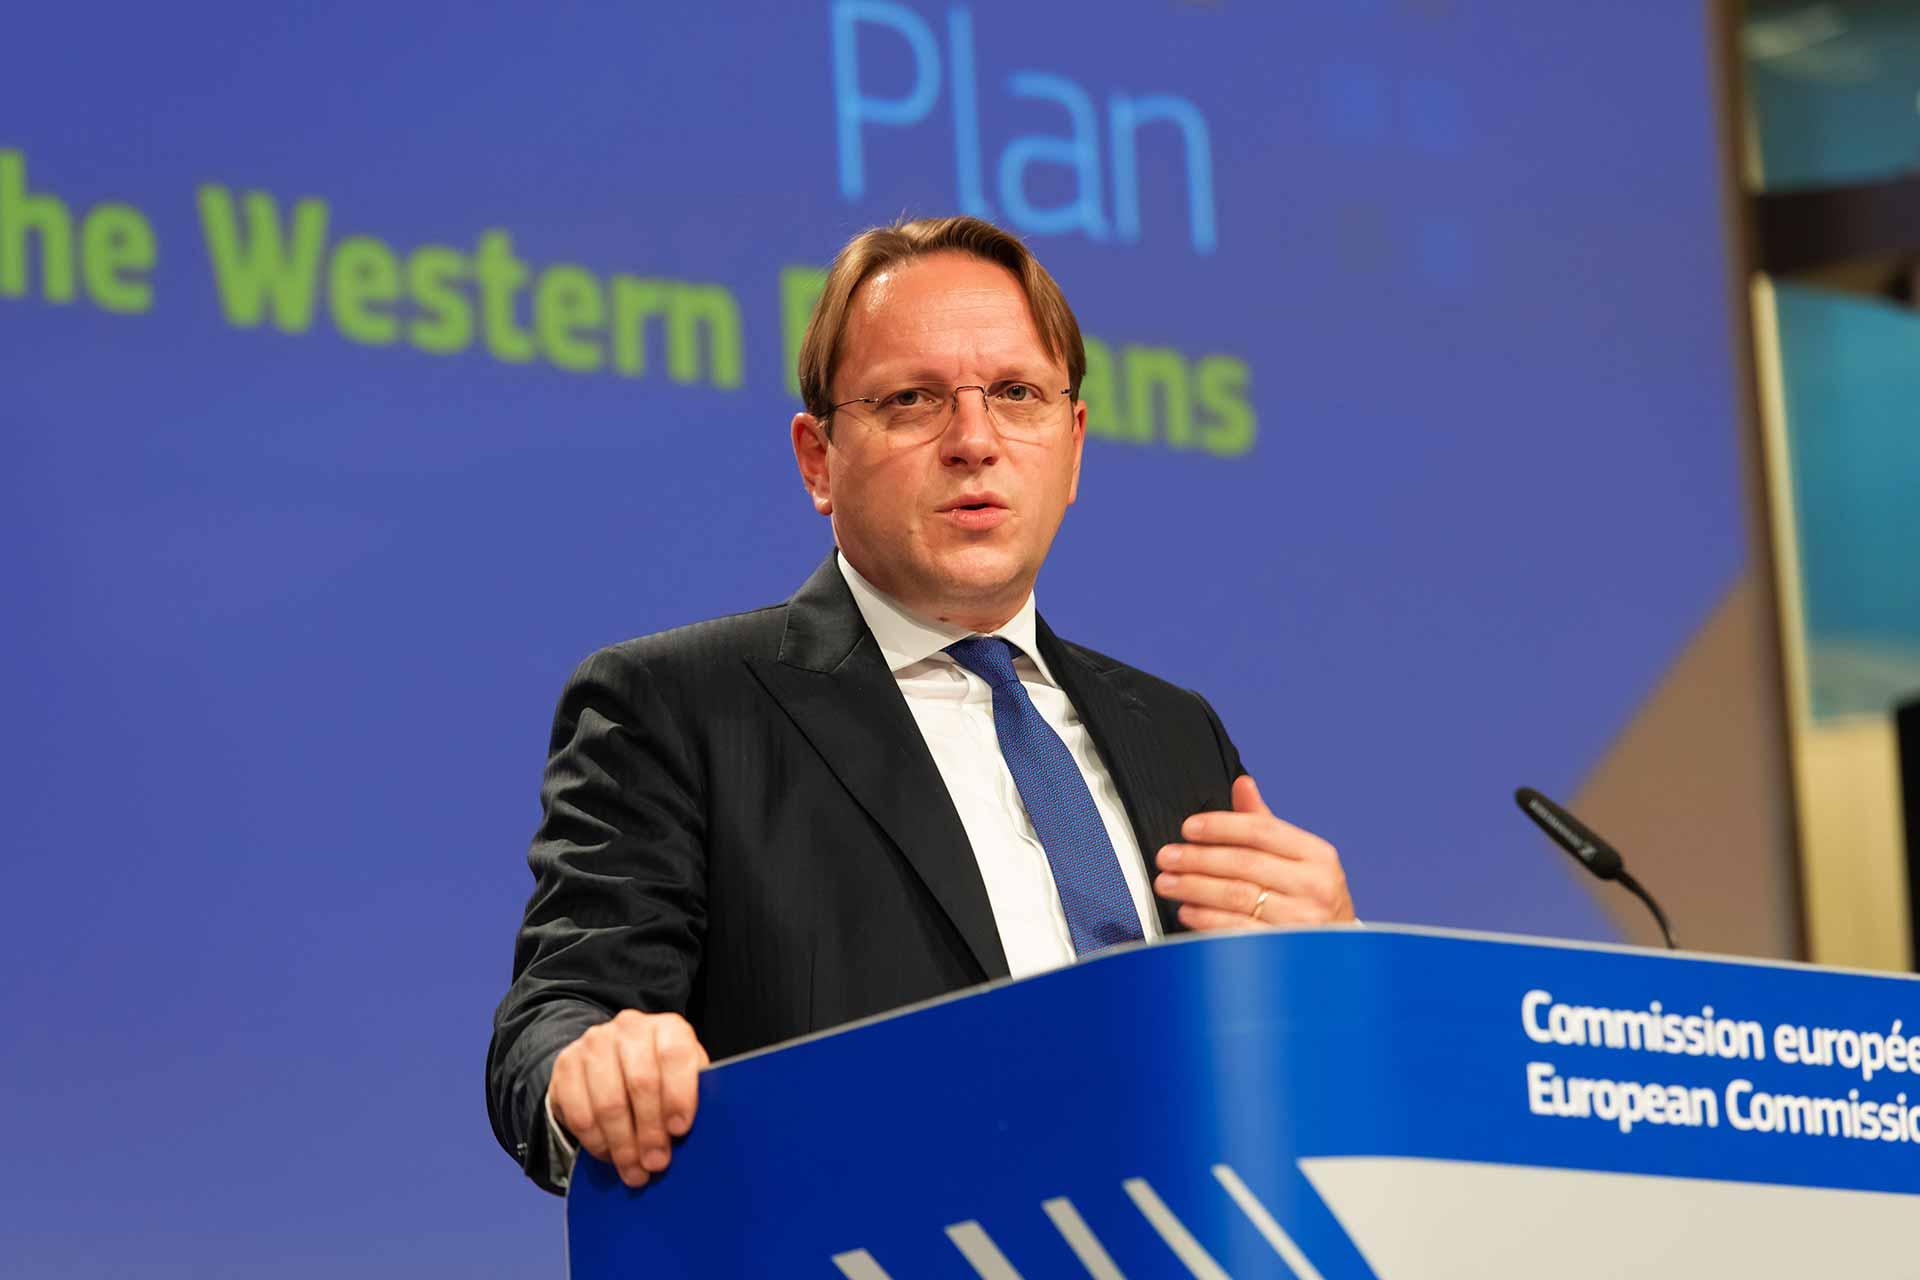 Olivér Várhelyi, European Commissioner for Neighbourhood and EU Enlargement